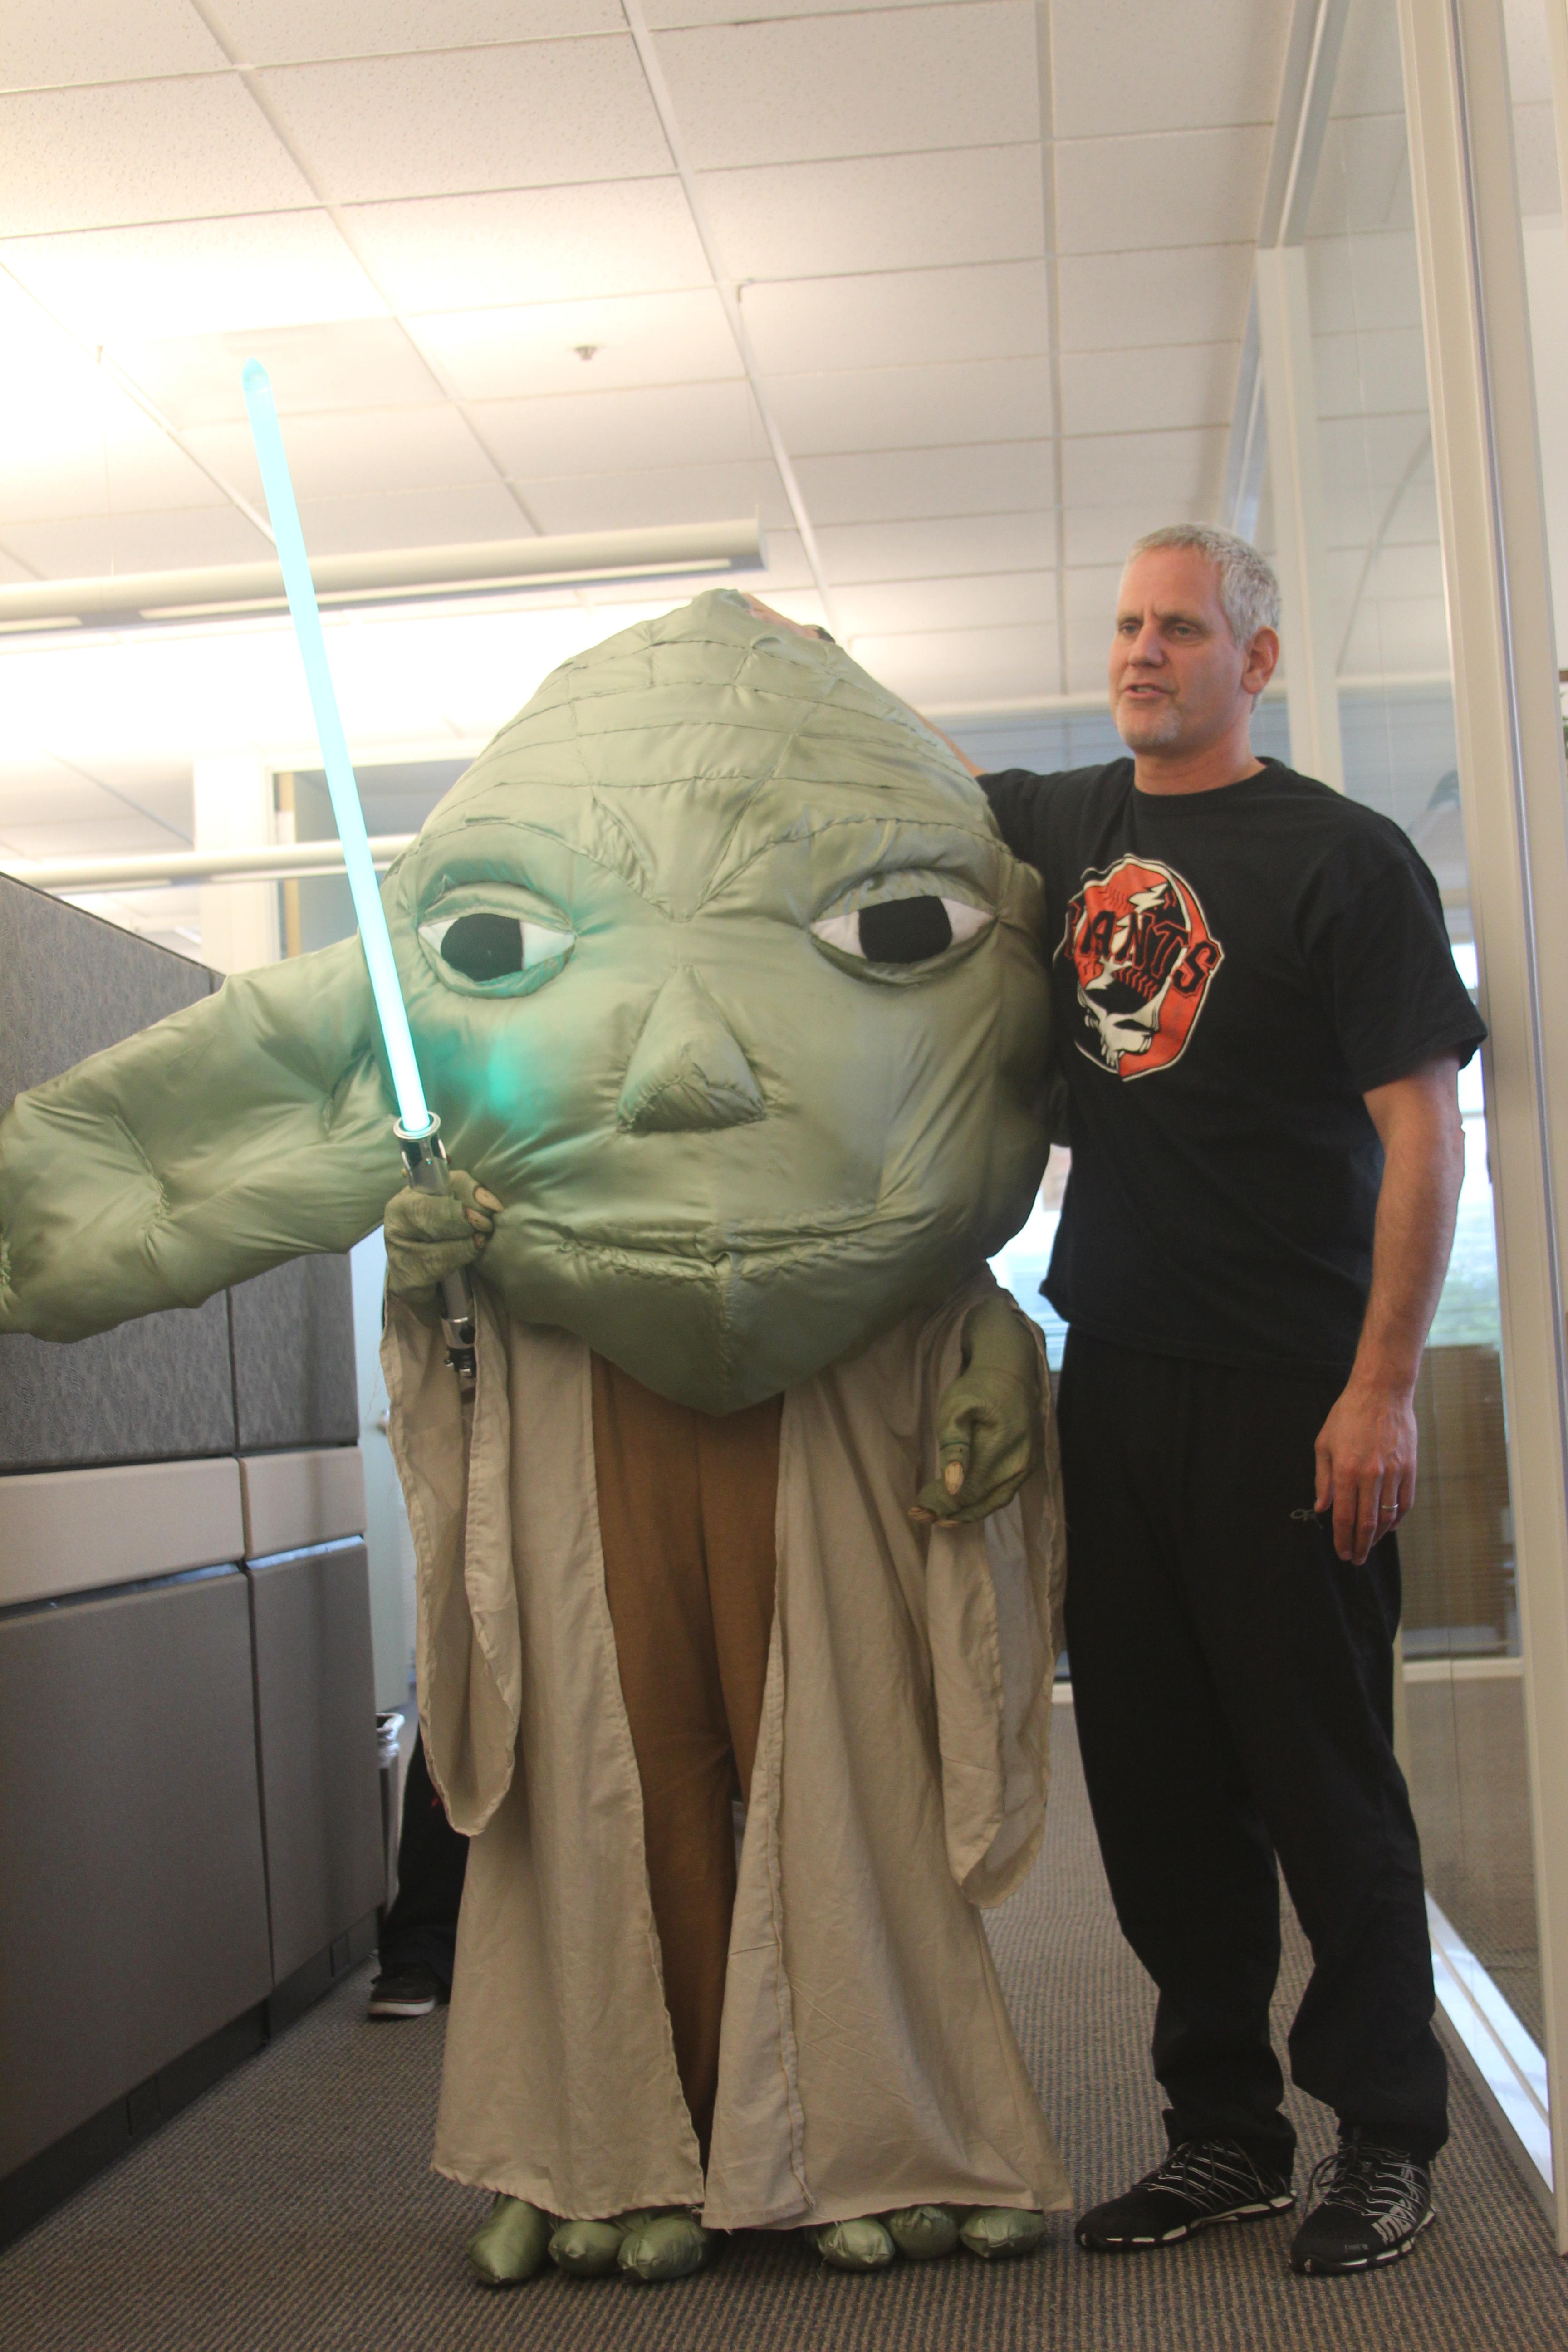 wearing the Yoda costume on Halloween  sc 1 st  XWiki & XWiki - Main - YodaWear